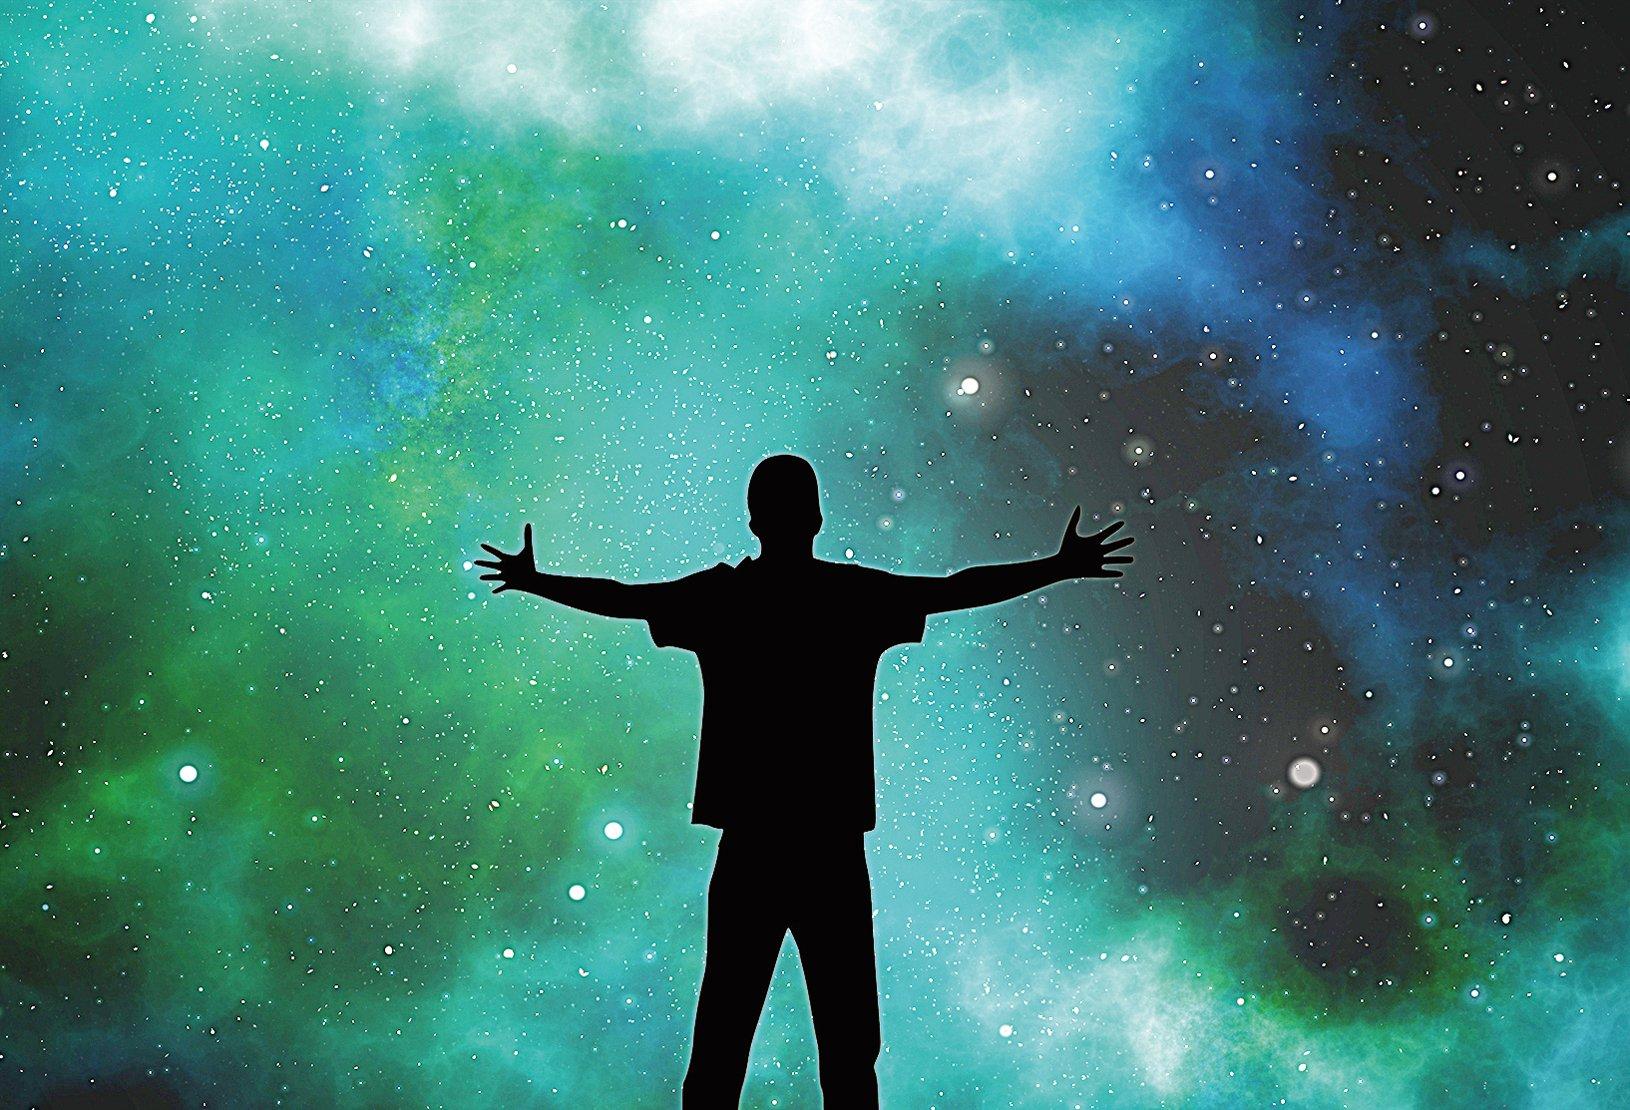 科學家沒有說明,是甚麼原因造成宇宙塵埃在「昨天」突然被加快清理。(公共領域)